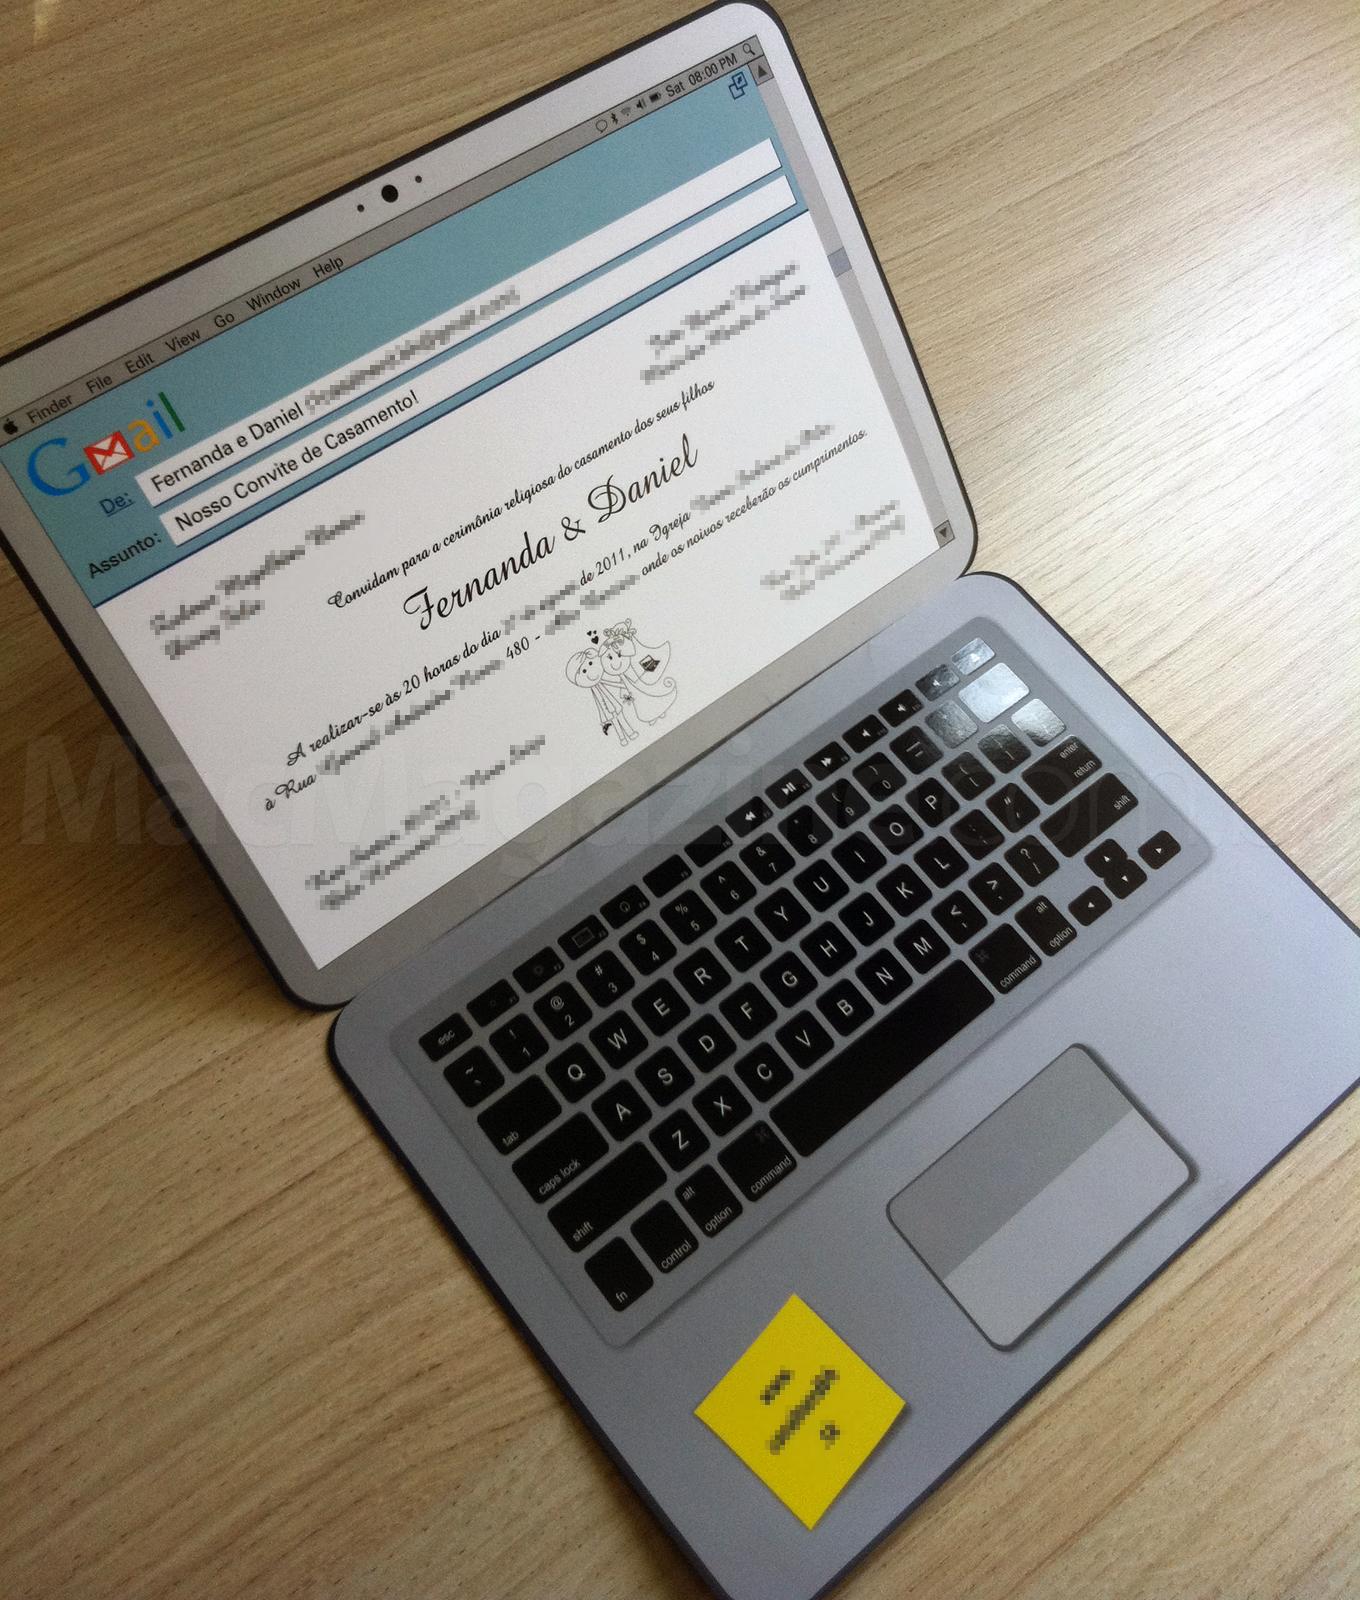 Convite de casamento geek - MacBook Pro